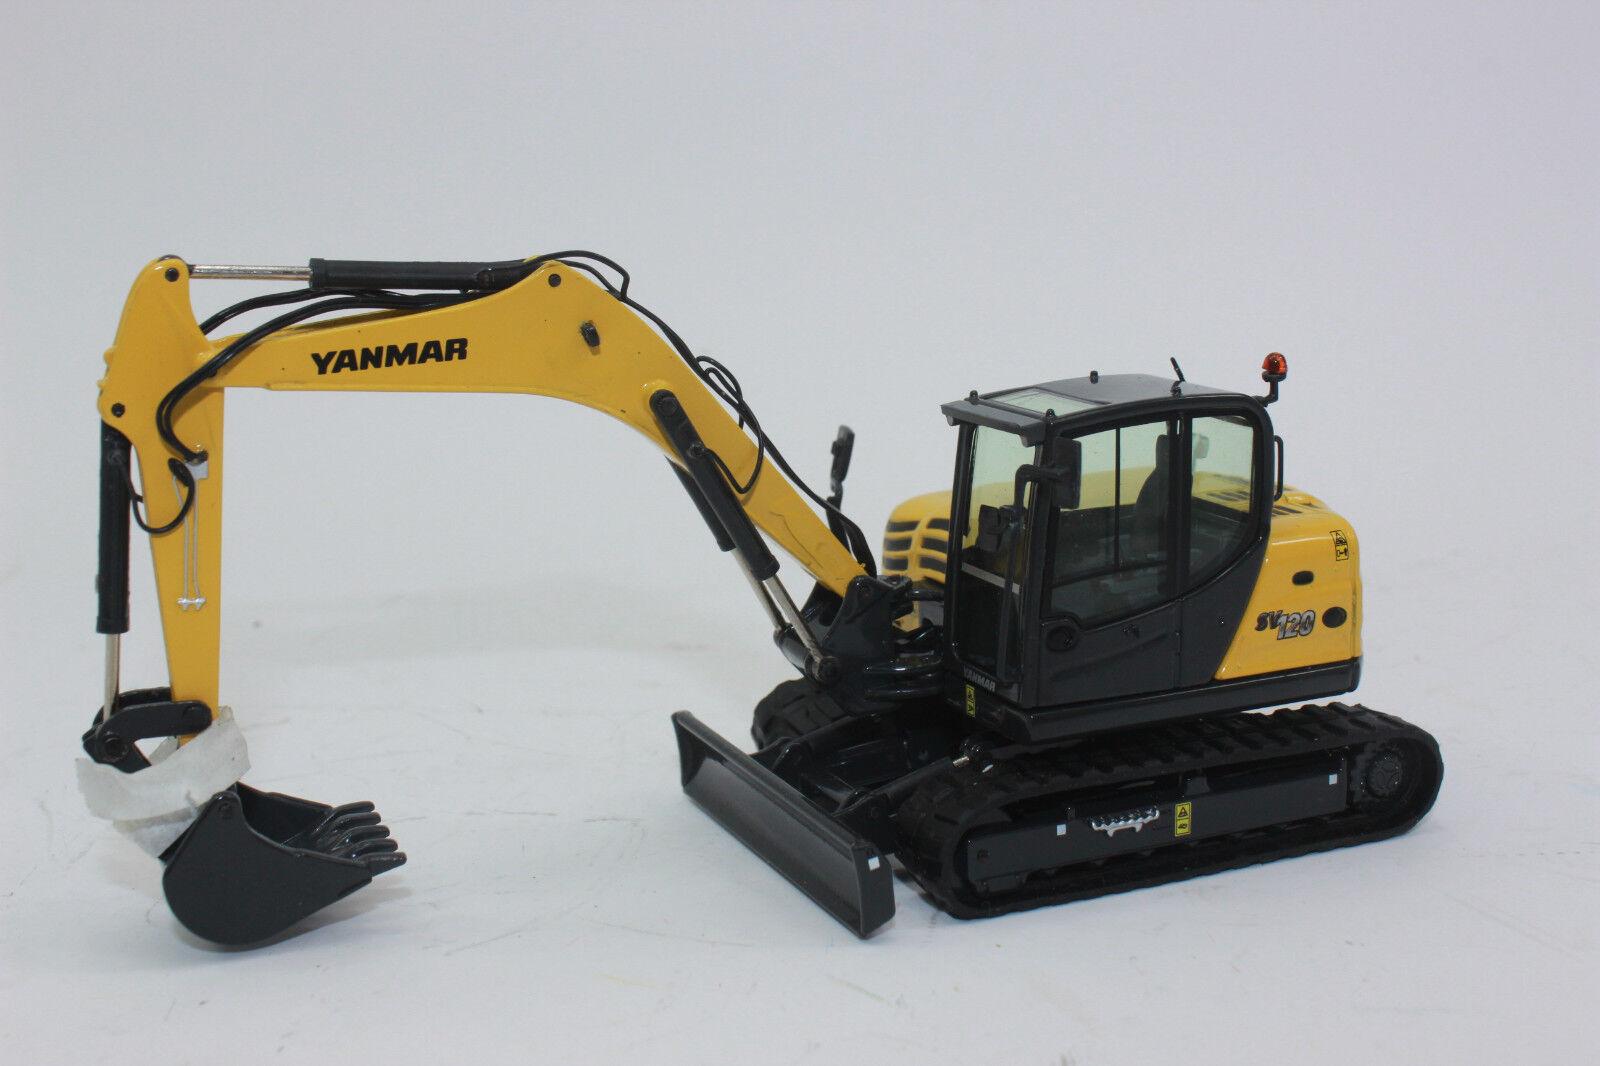 Nzg 975 Yanmar Sv120 Escavatori Cingolati 1 50 Nuovi in Confezione Originale